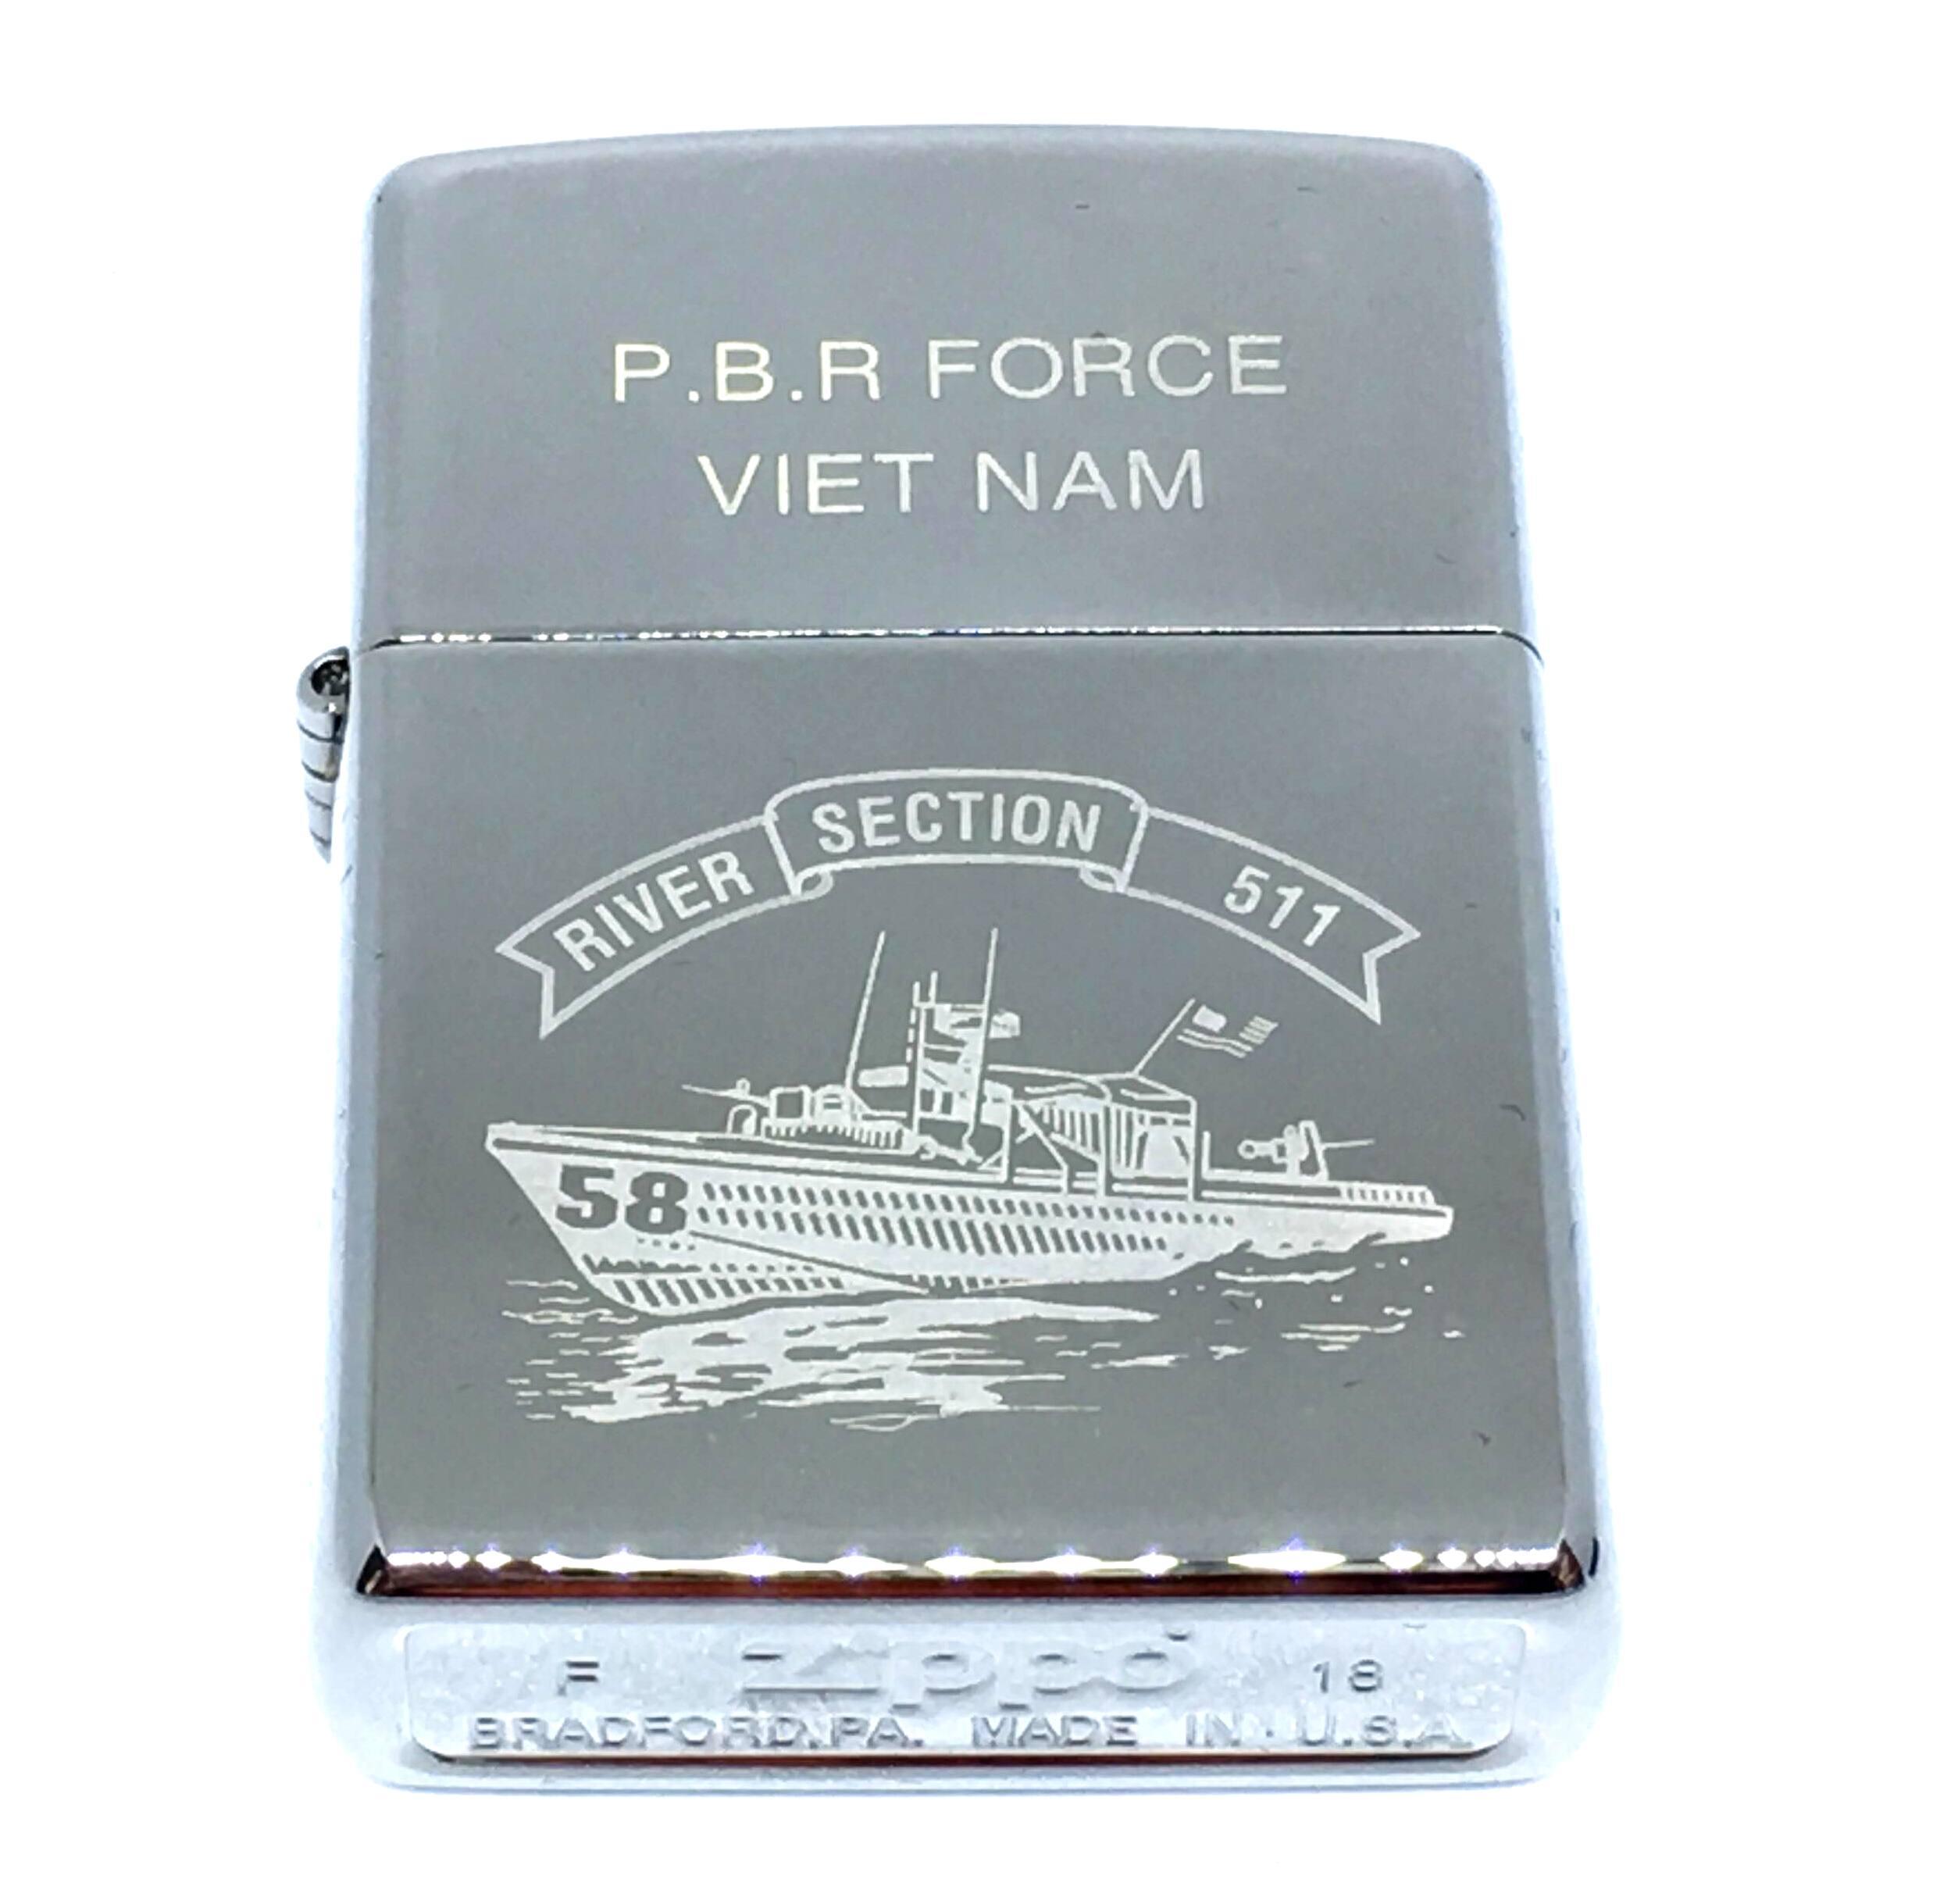 Zippo den bong khac laze  P.B.R FORCE VIET NAM Z699 2